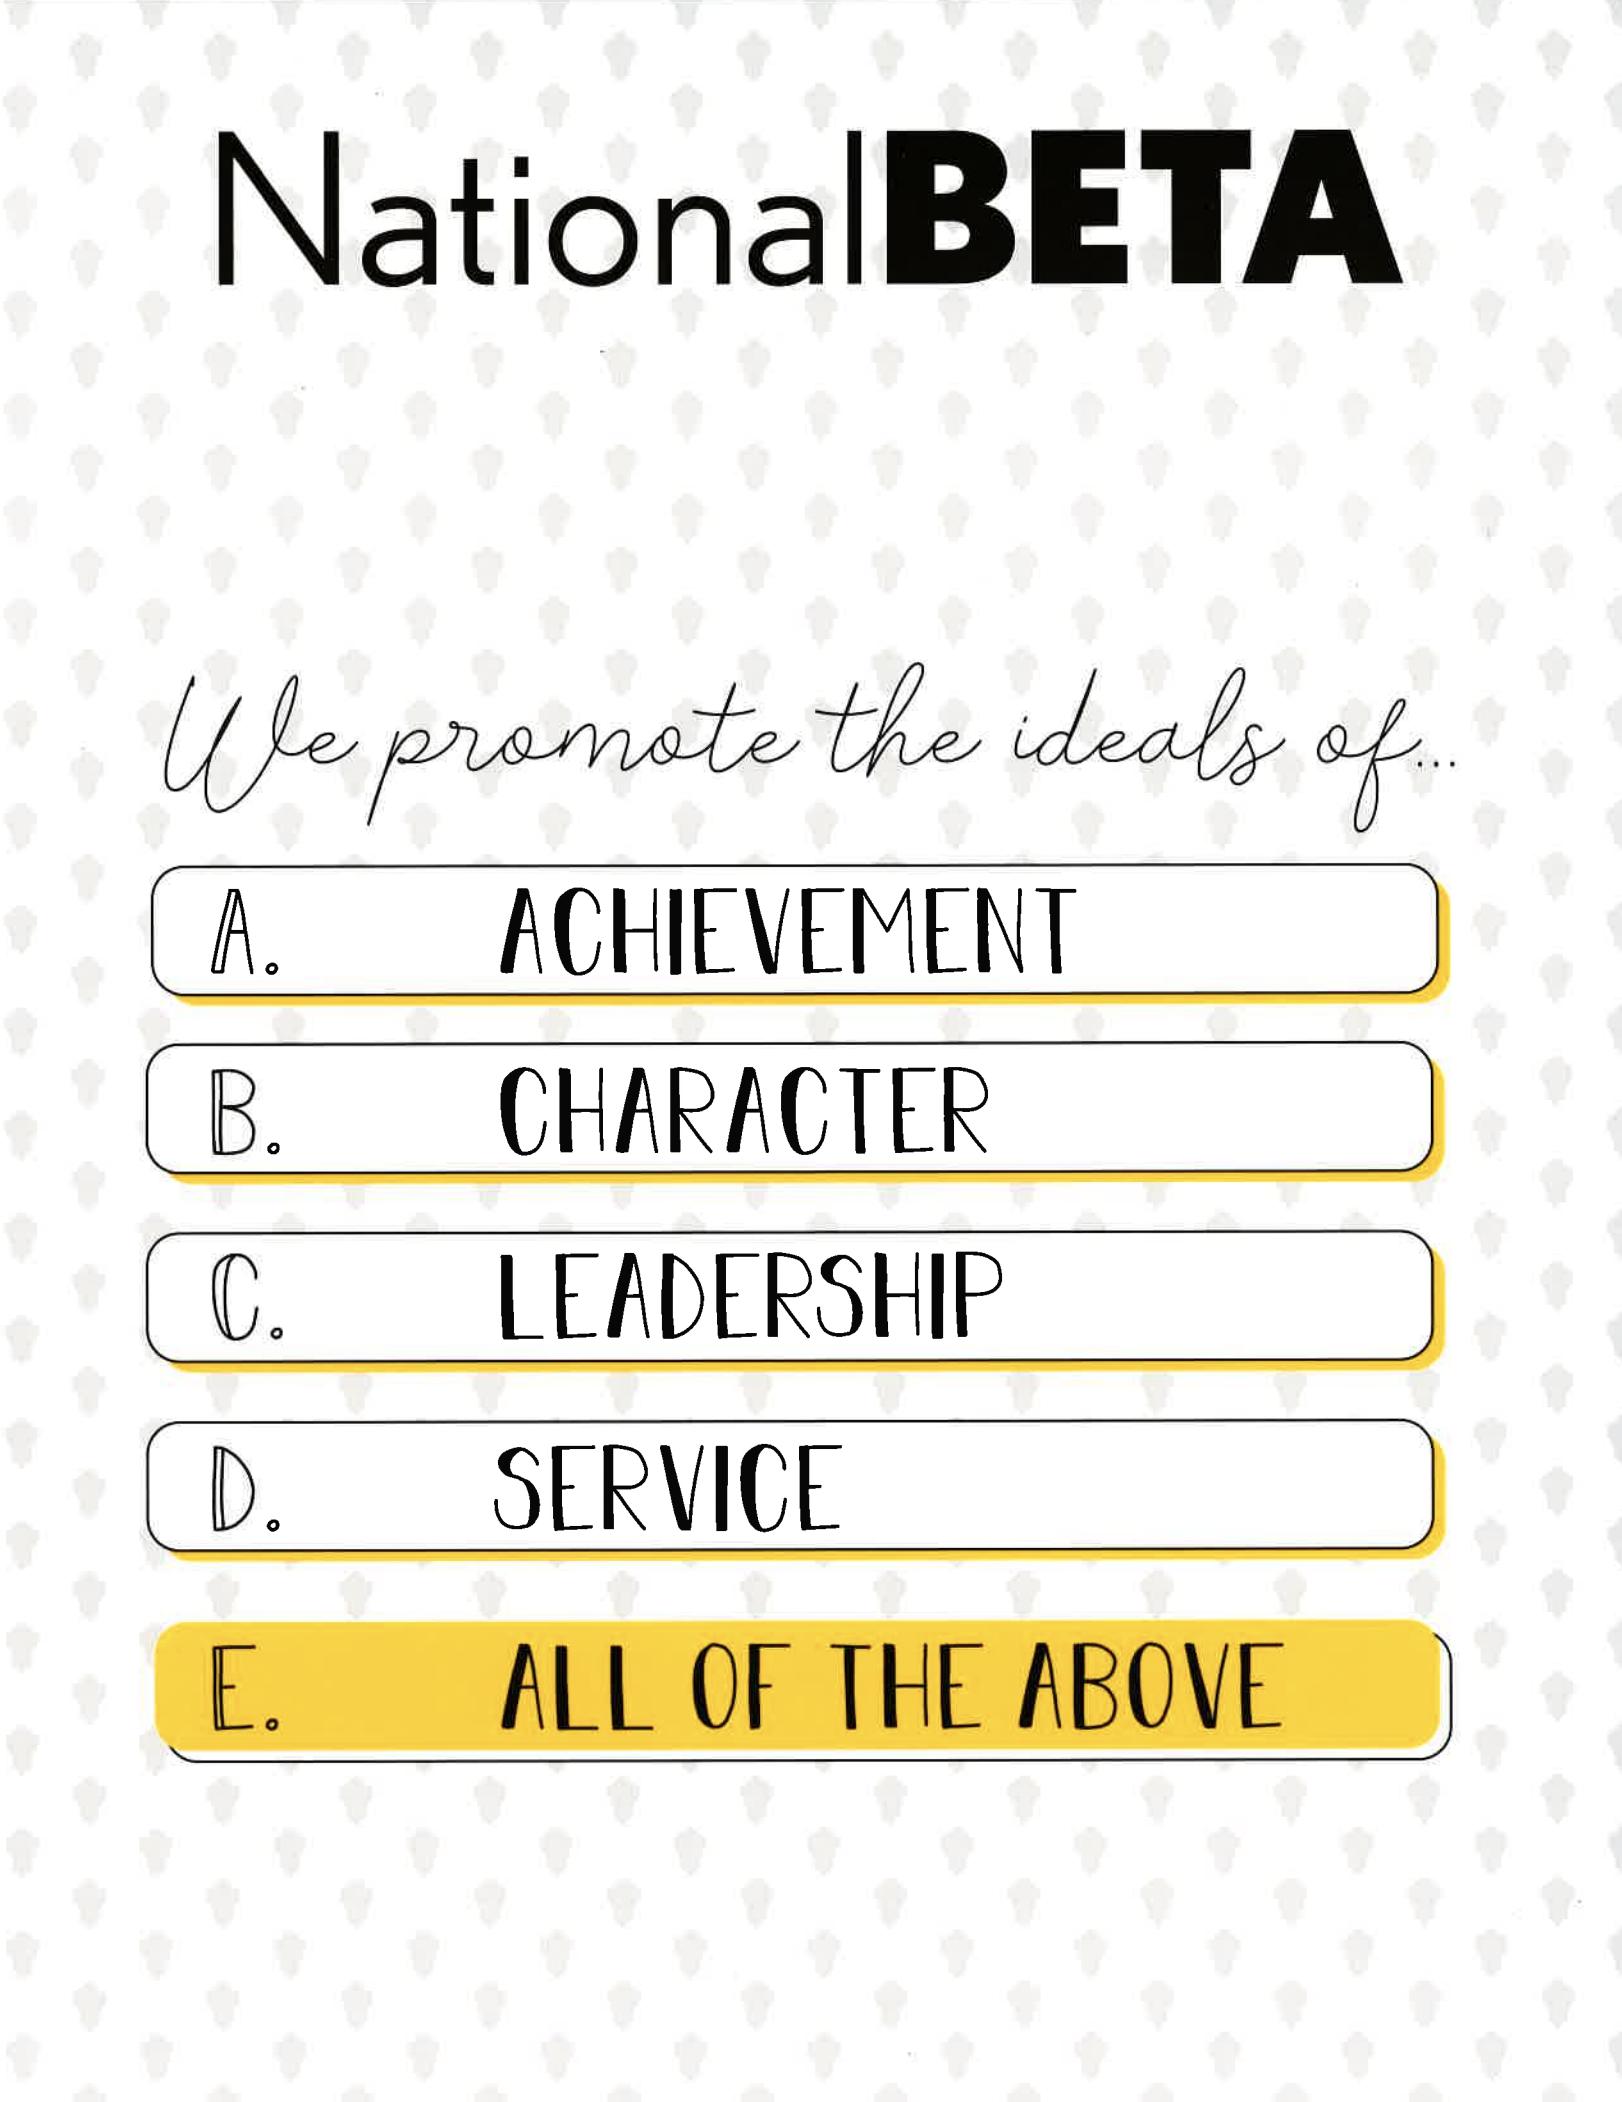 beta club ideals